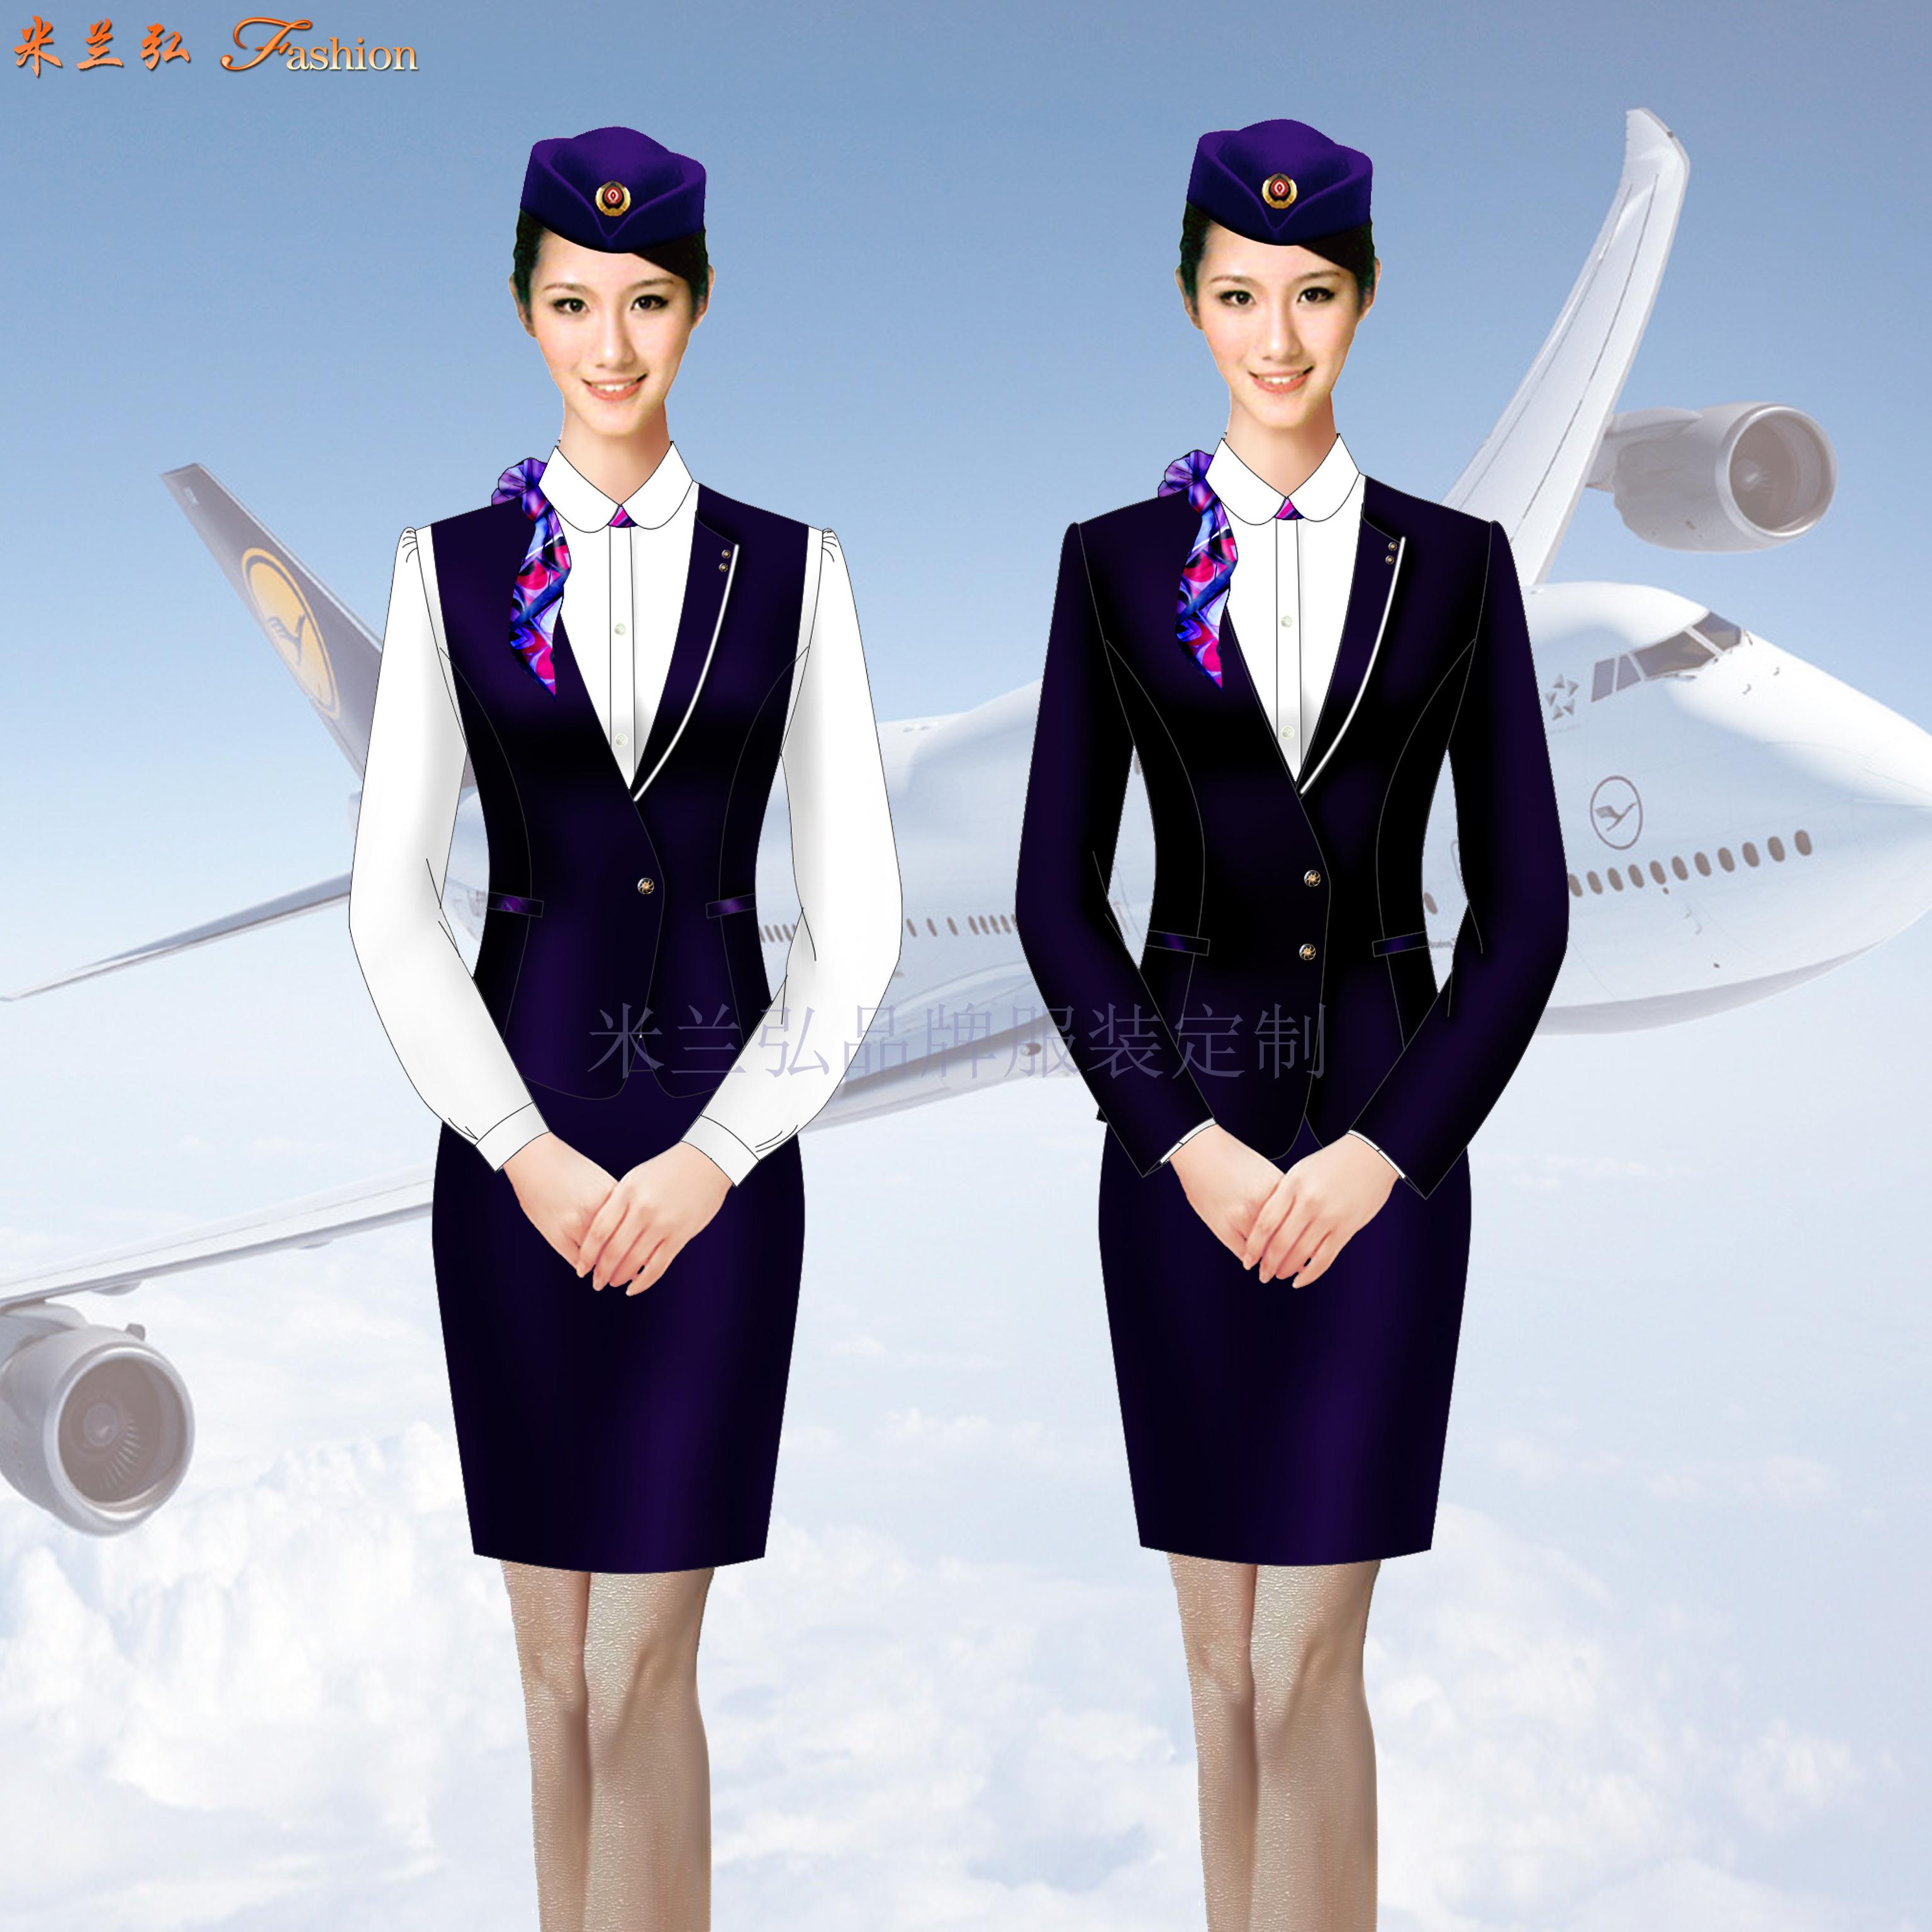 江西空姐服定制-空乘人员服装图片-米兰弘服装-3